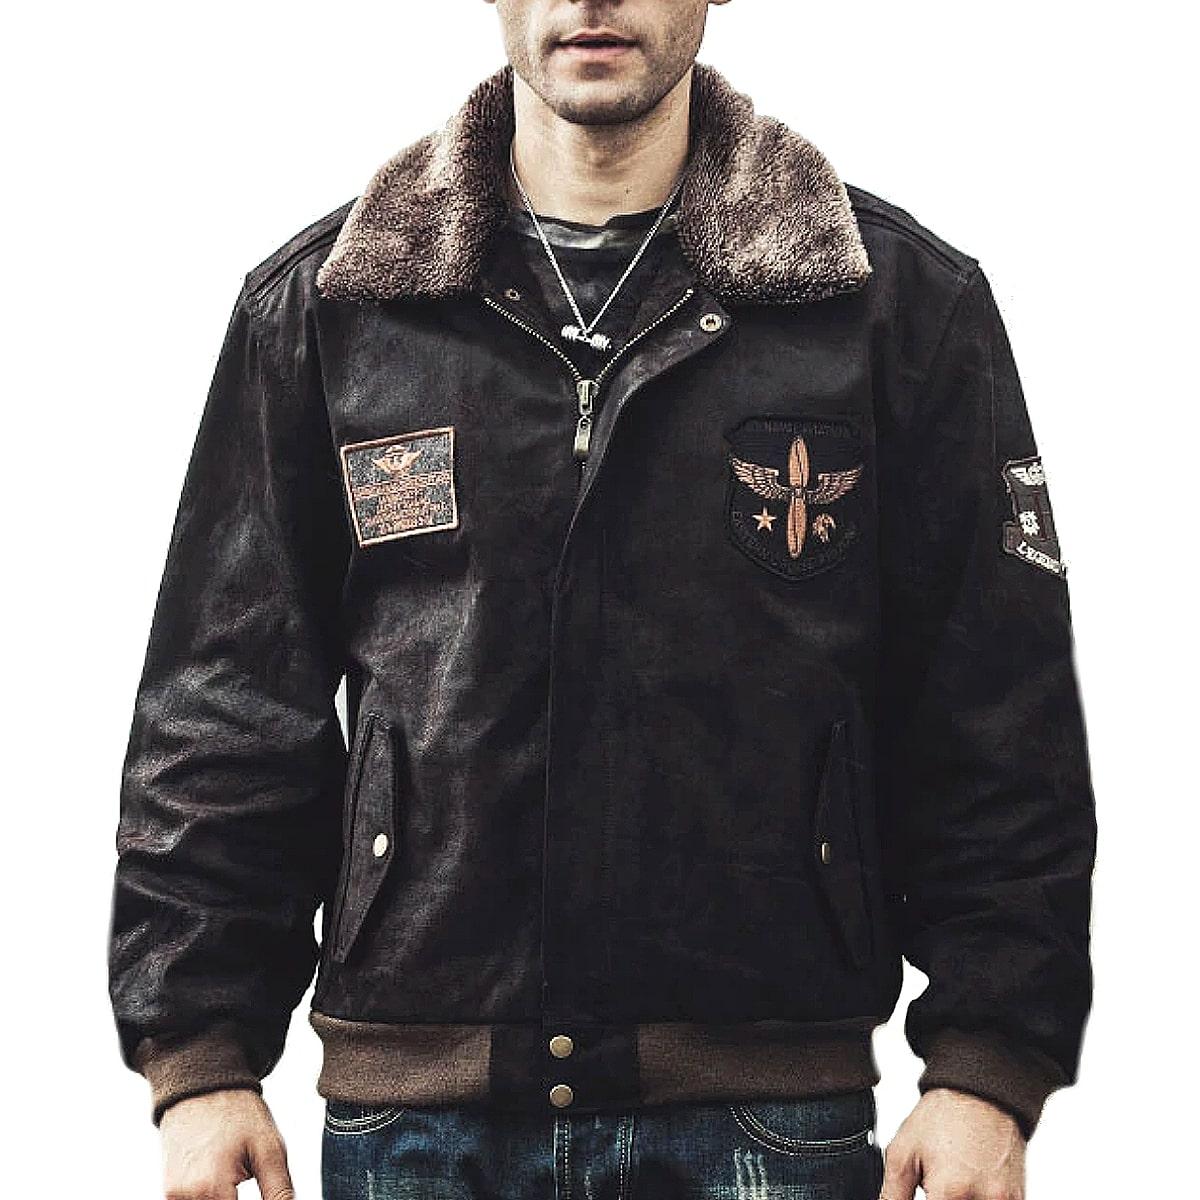 【送料無料!】全10サイズ! [Men's Dark Brown Pigskin Genuine Leather Bomber Jacket] メンズ ダークブラウン ピッグスキン ジェニュインレザー ボンバージャケット! 本革 豚革 革ジャン ライダース コート ワッペン アーミー アメカジ アウター バイクに!